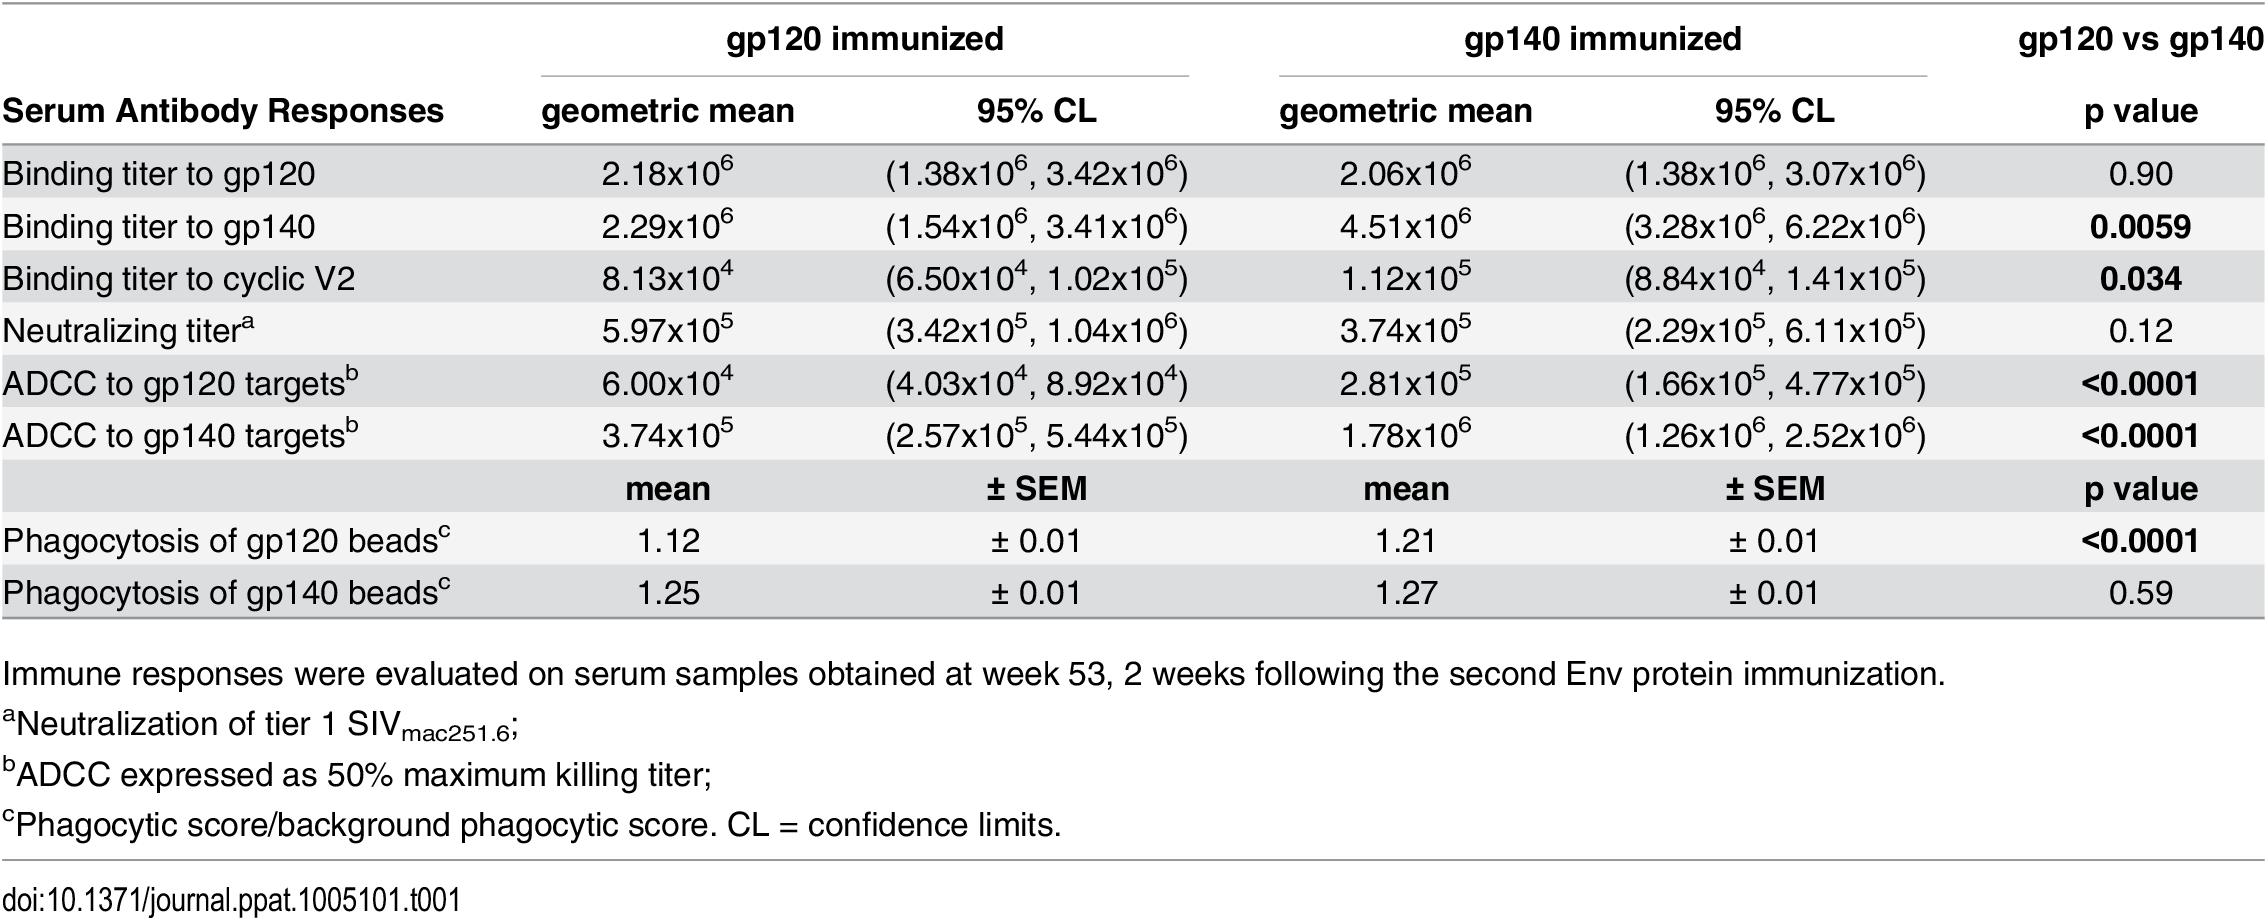 Comparative immunogenicity of monomeric gp120 and oligomeric gp140: serum binding and functional antibody activities.